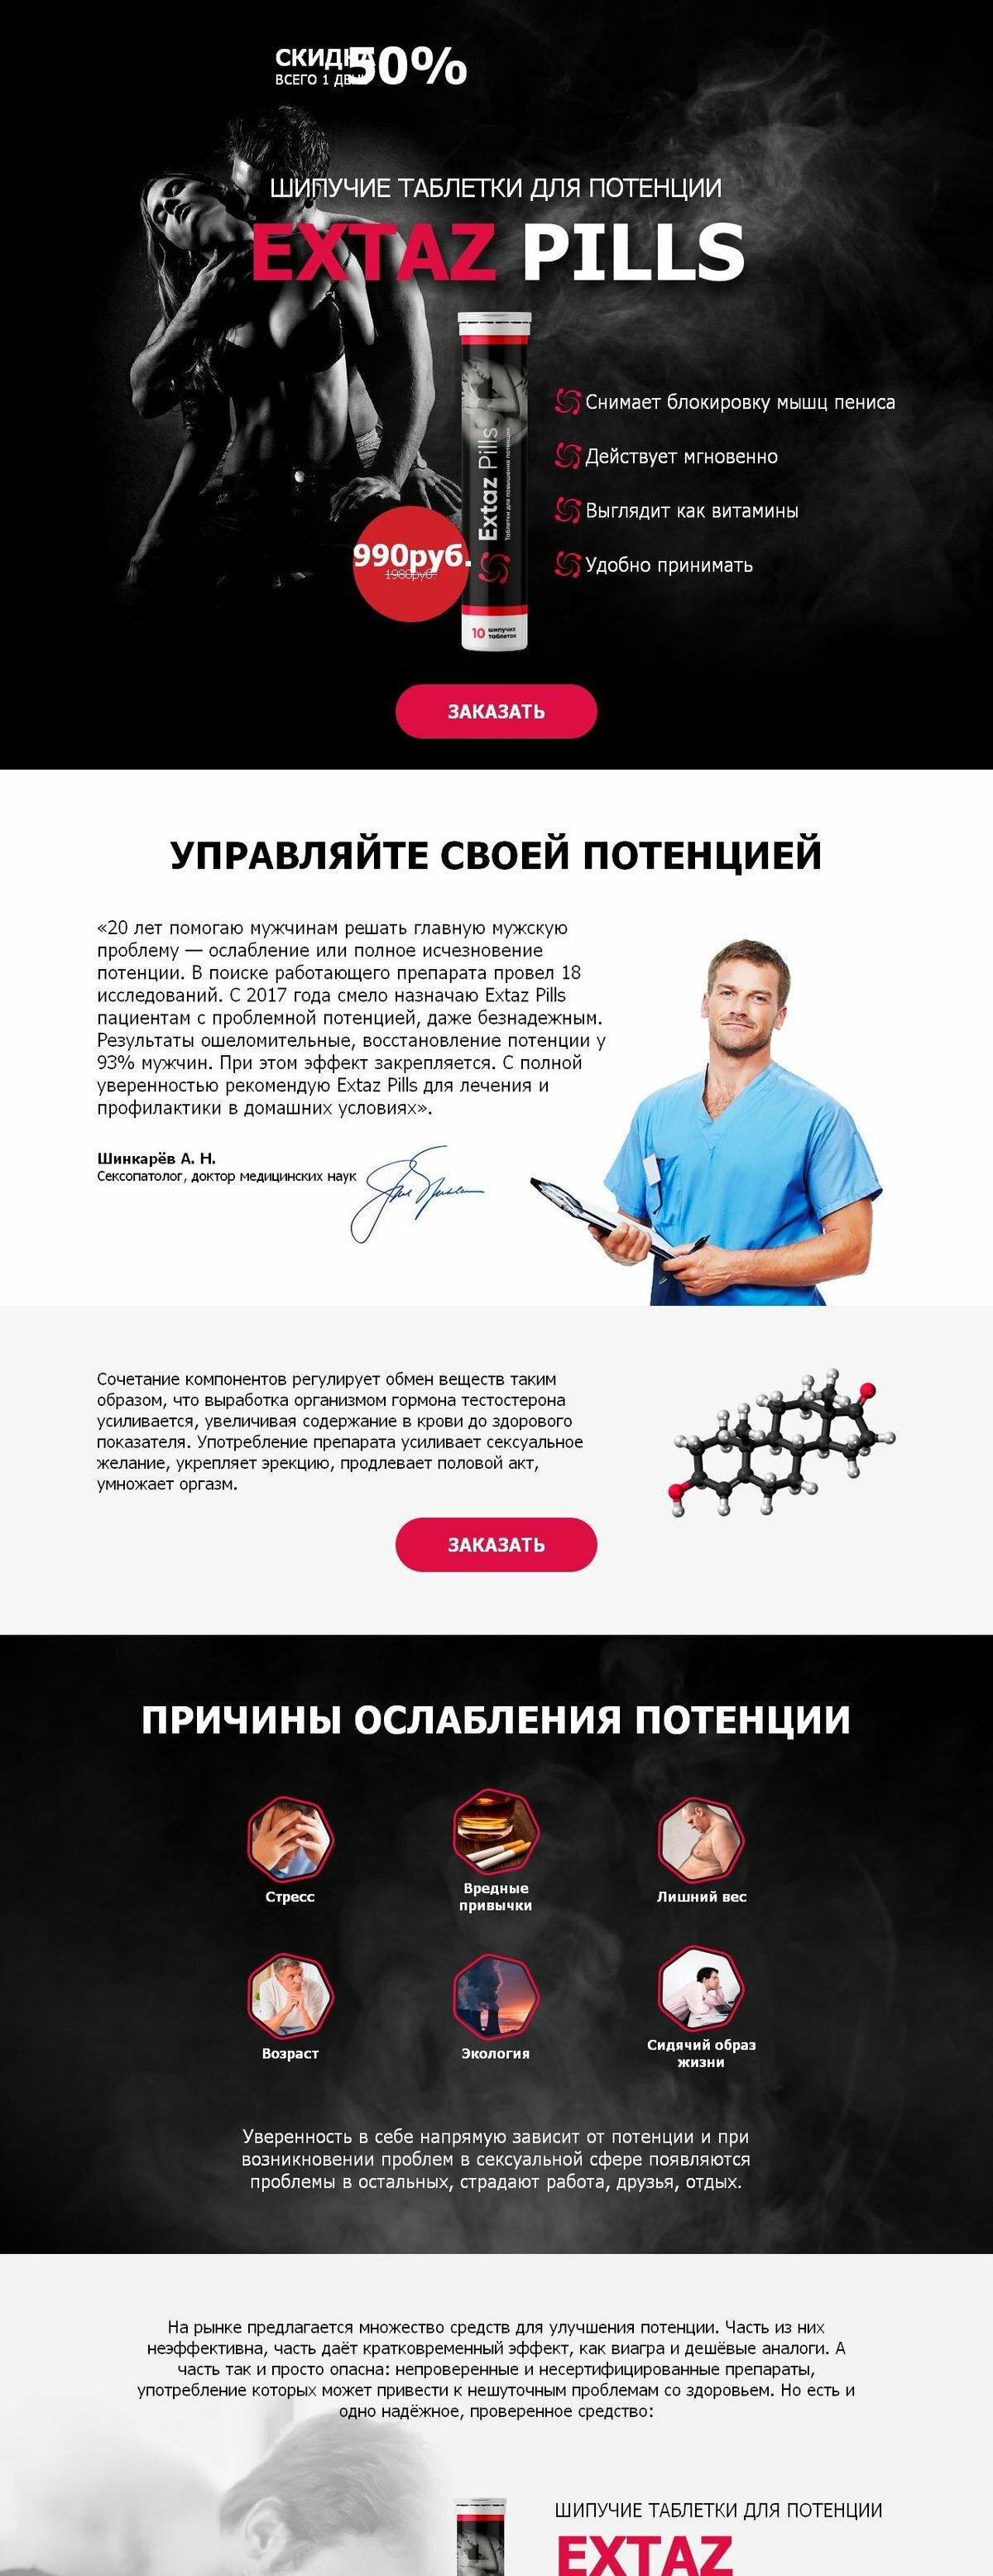 Extaz Pills для повышения потенции в Брянске